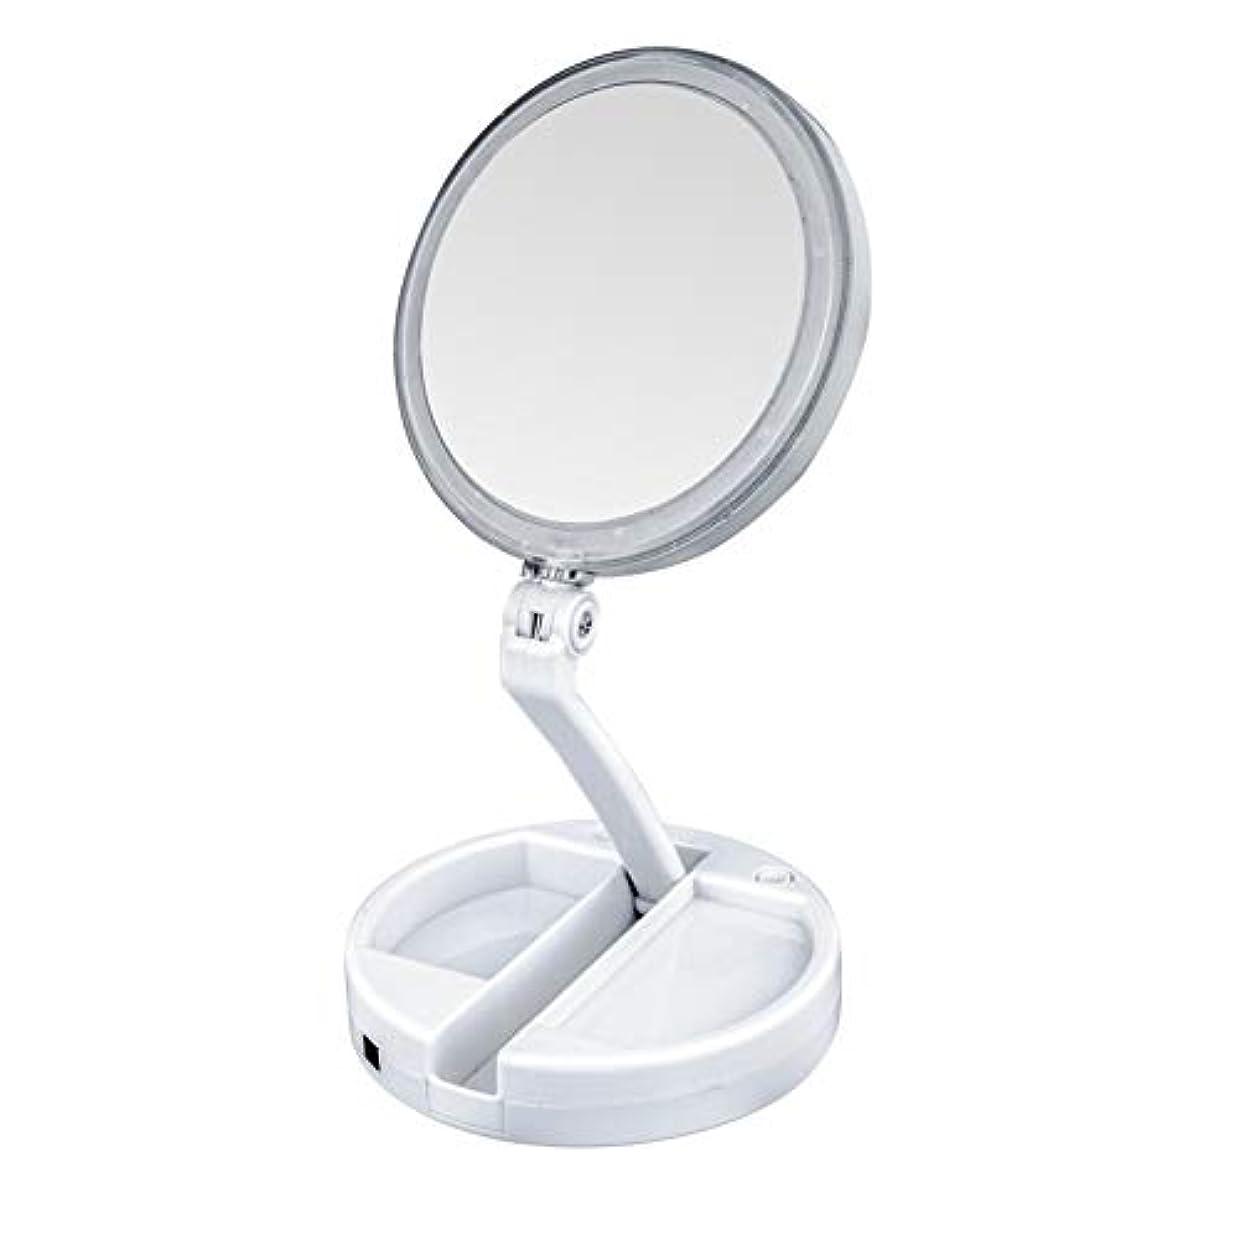 パパシャワー手順lily's JP home 化粧鏡 拡大鏡 LEDライト付き 女優ミラー 両面鏡 折りたたみメイク鏡 携帯便利360°回転ミラー USB充電式と電池式 収納ボックス付き 照明用